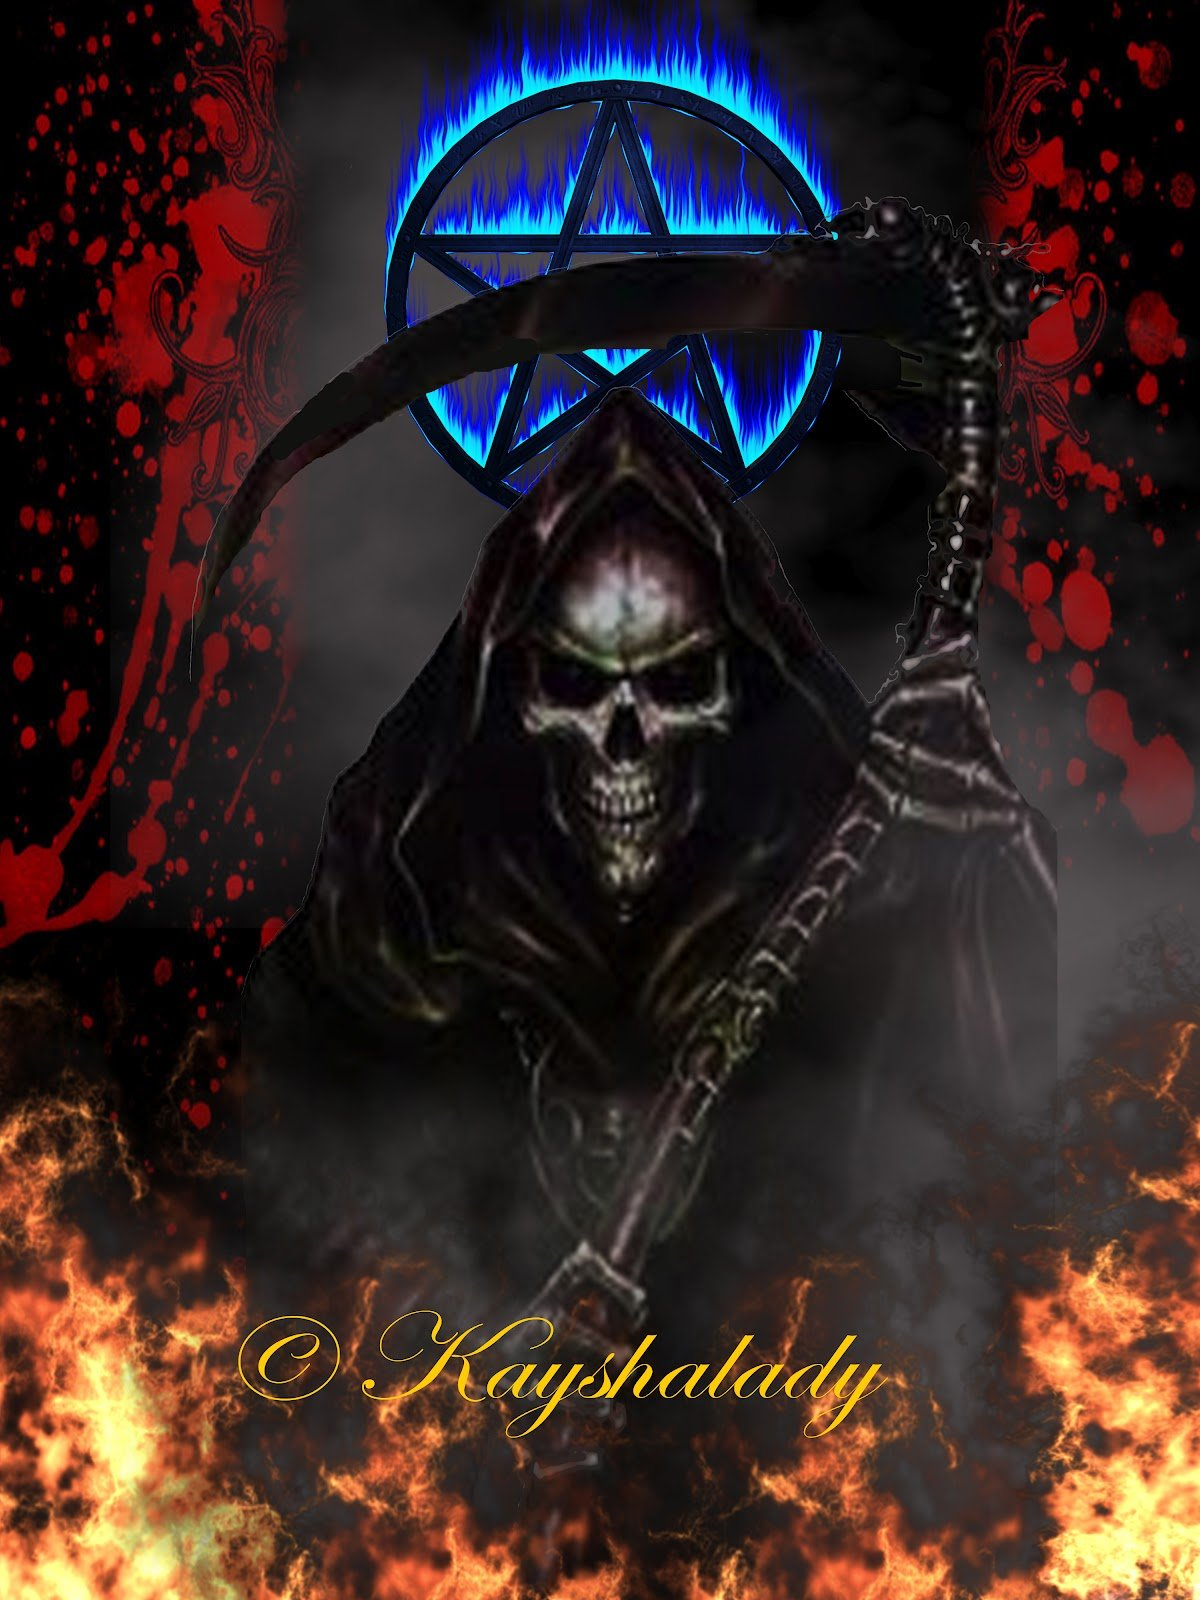 Grim Reaper Grim Reaper Screensavers and Skulls 1200x1600